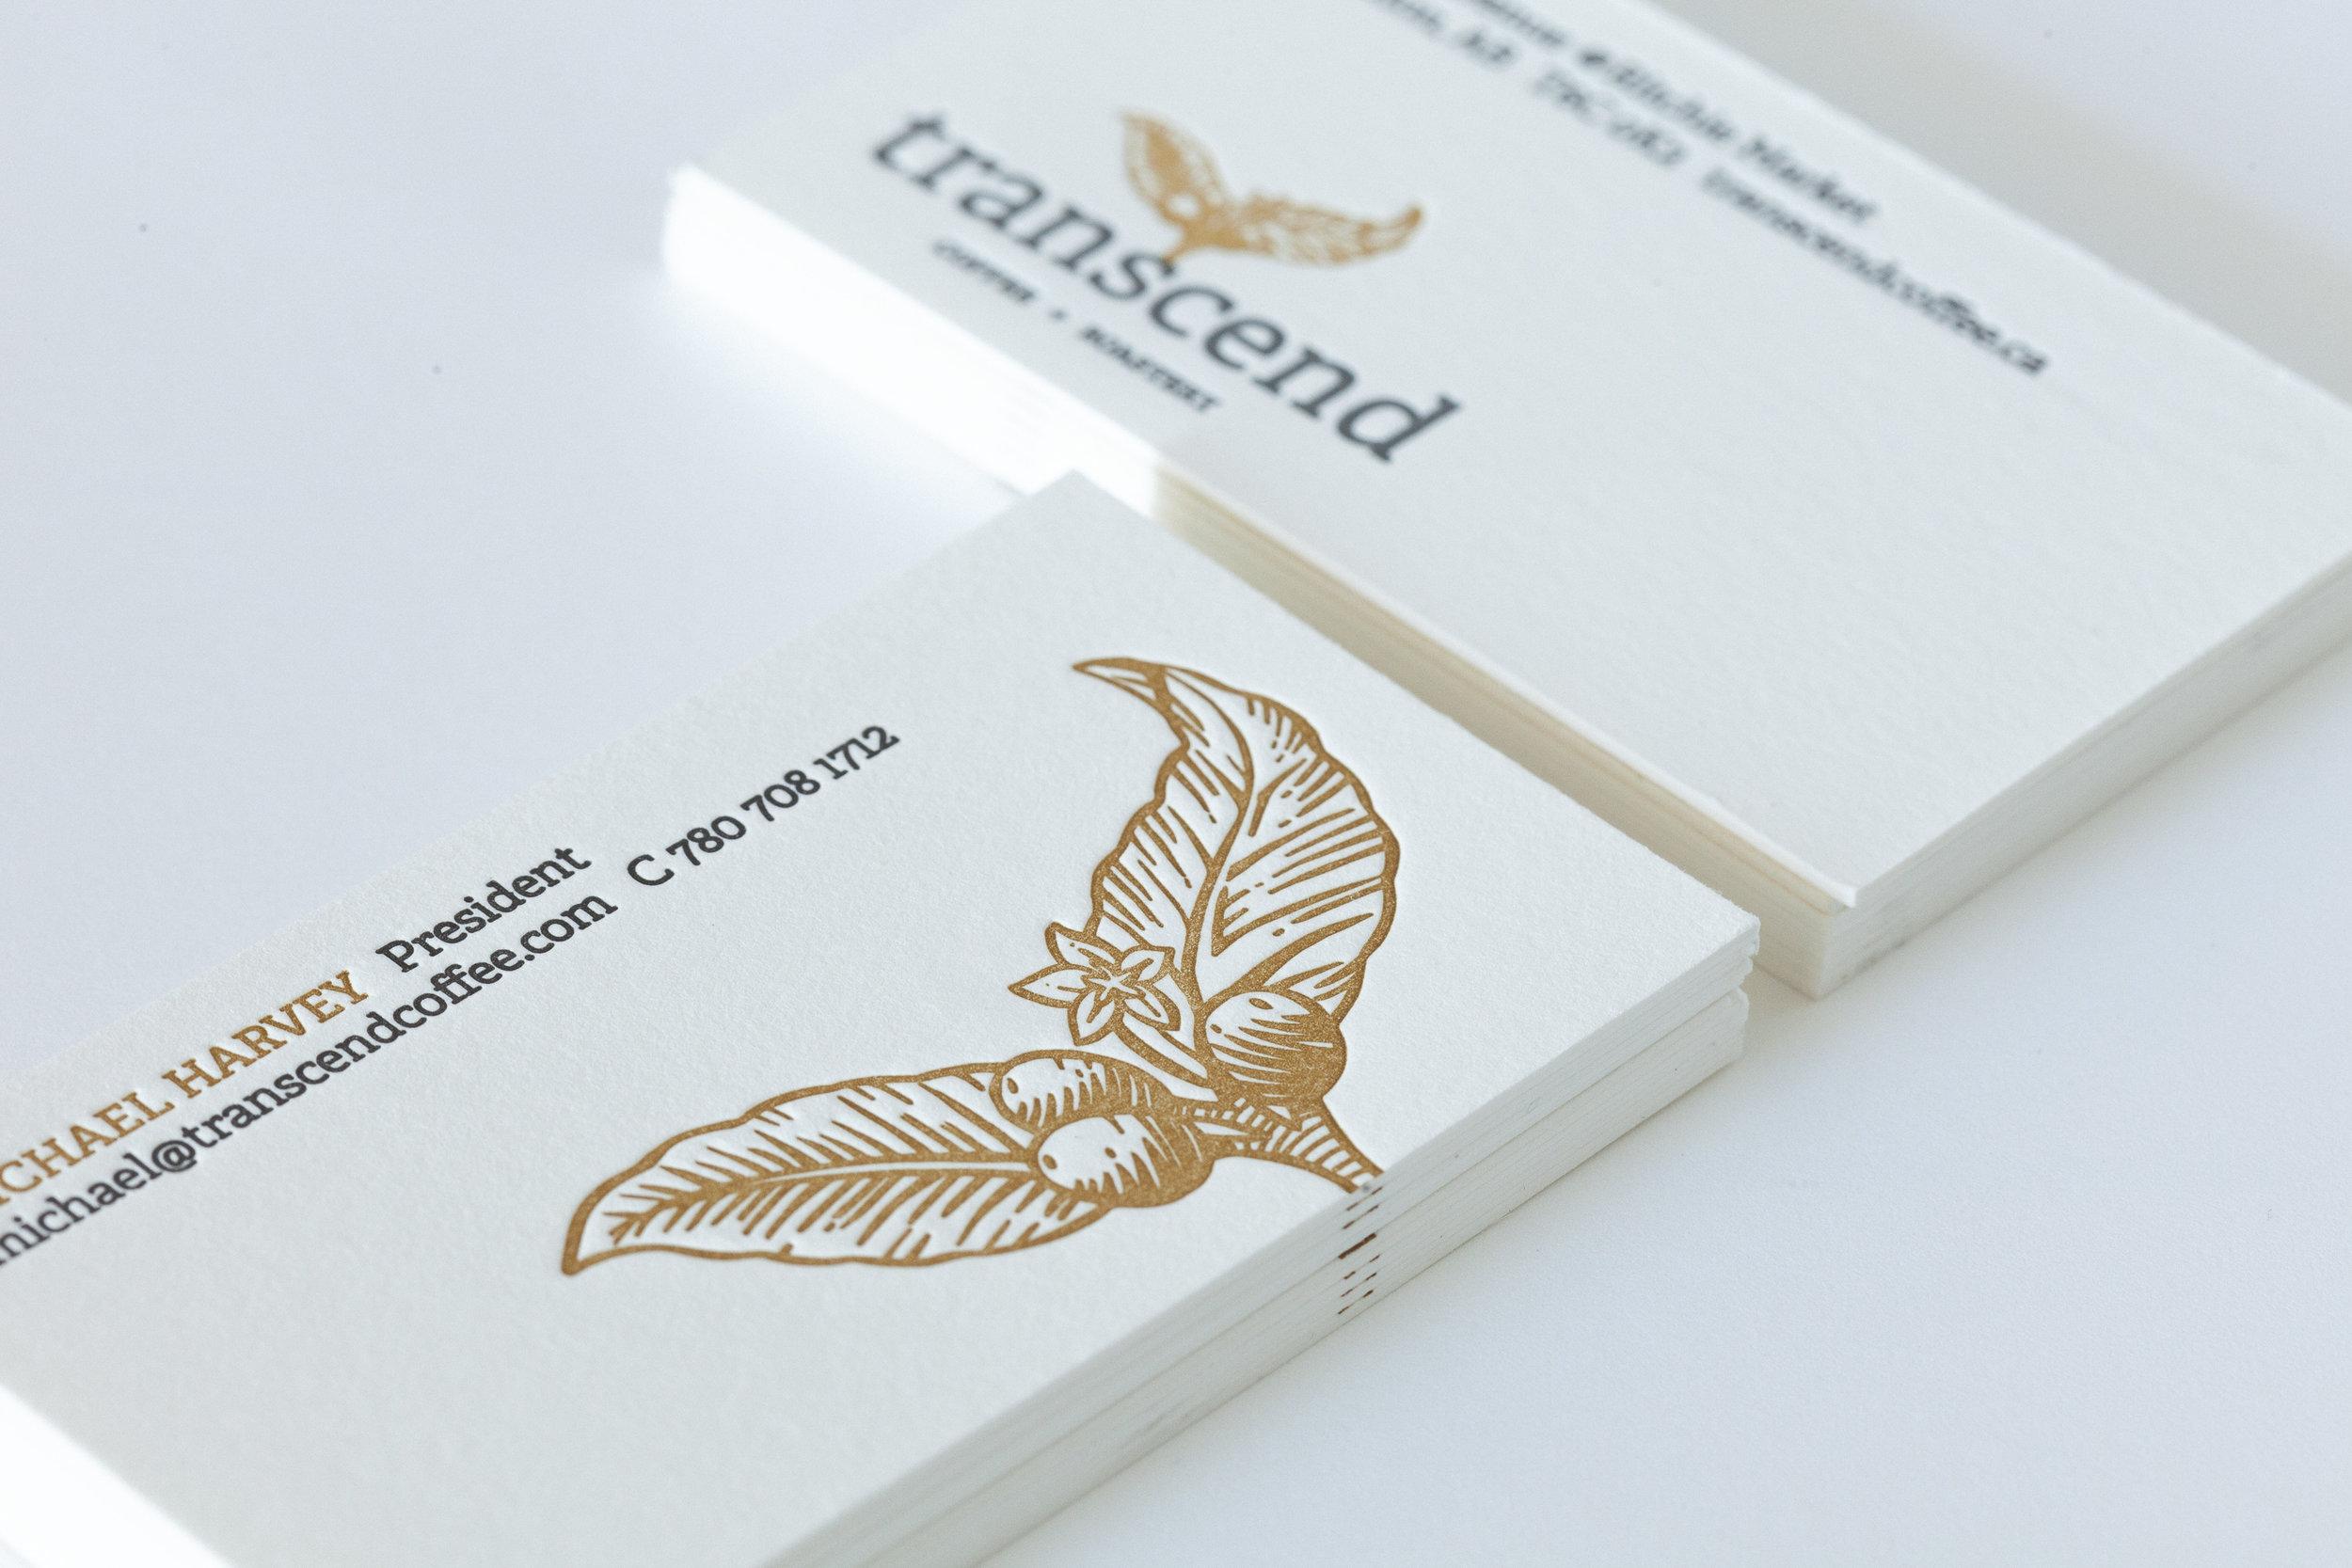 Transcend Business Cards